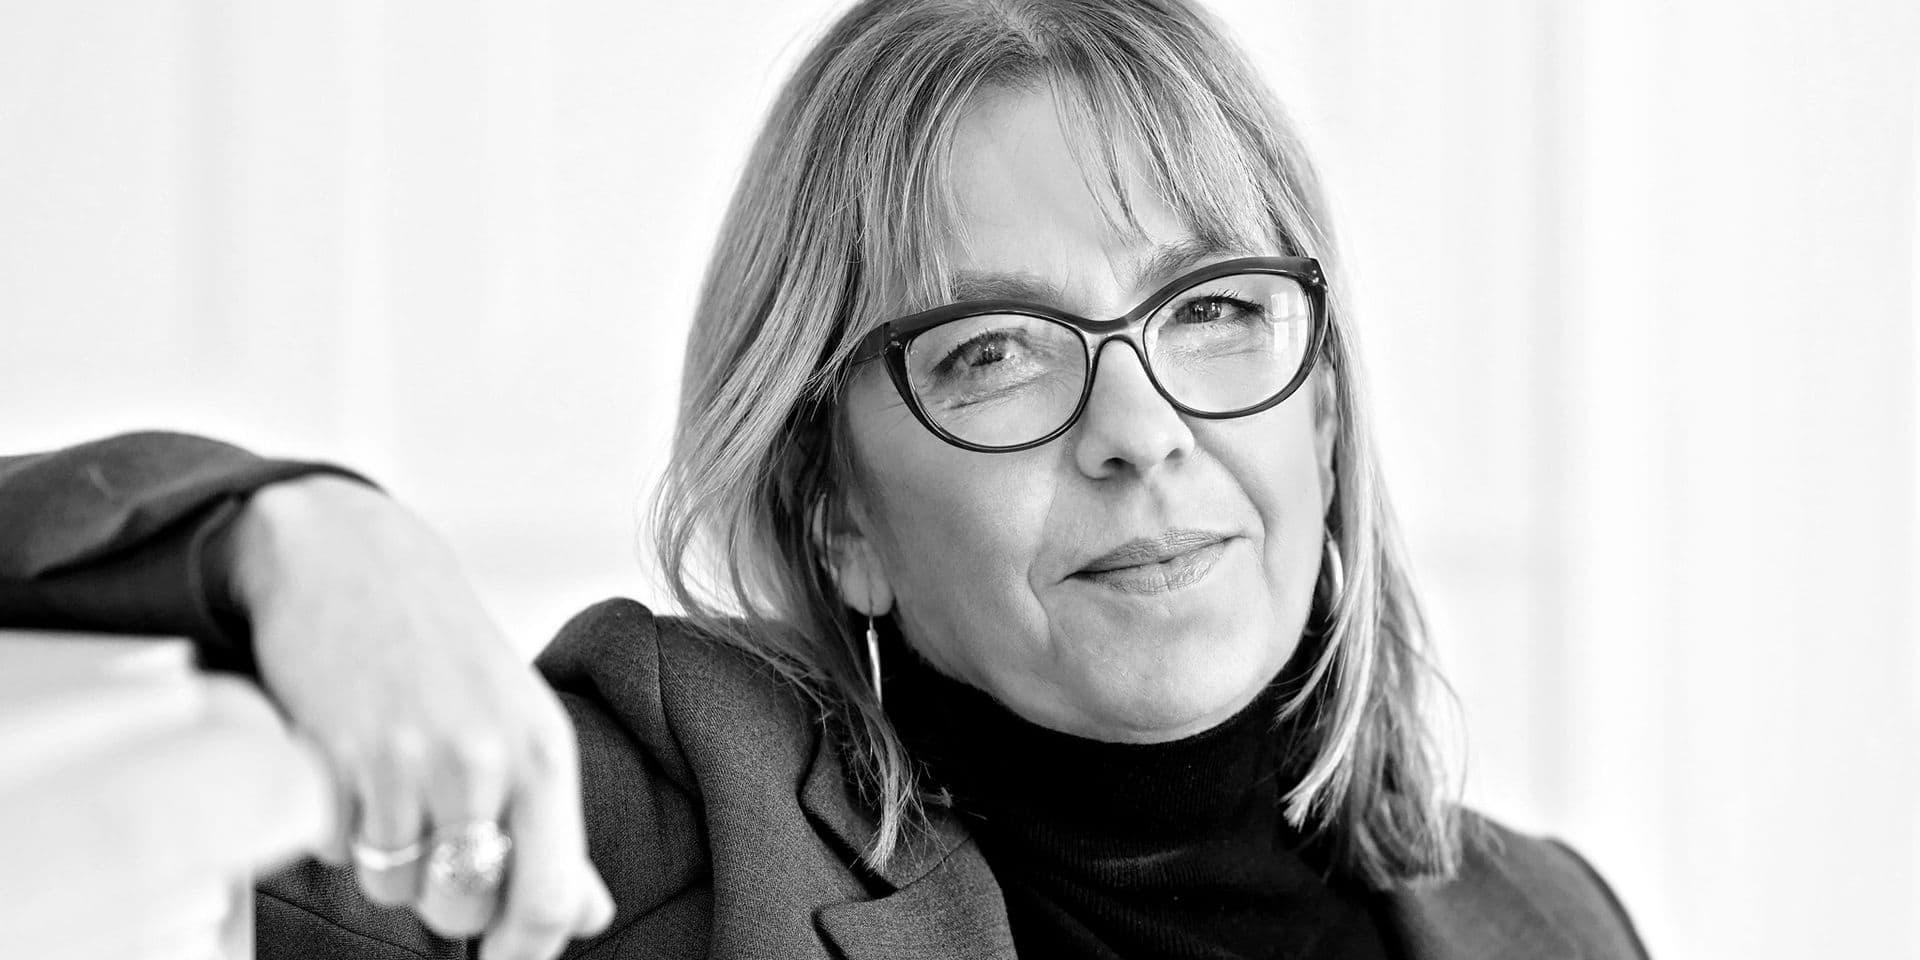 Annemie Schaus est élue rectrice de l'ULB